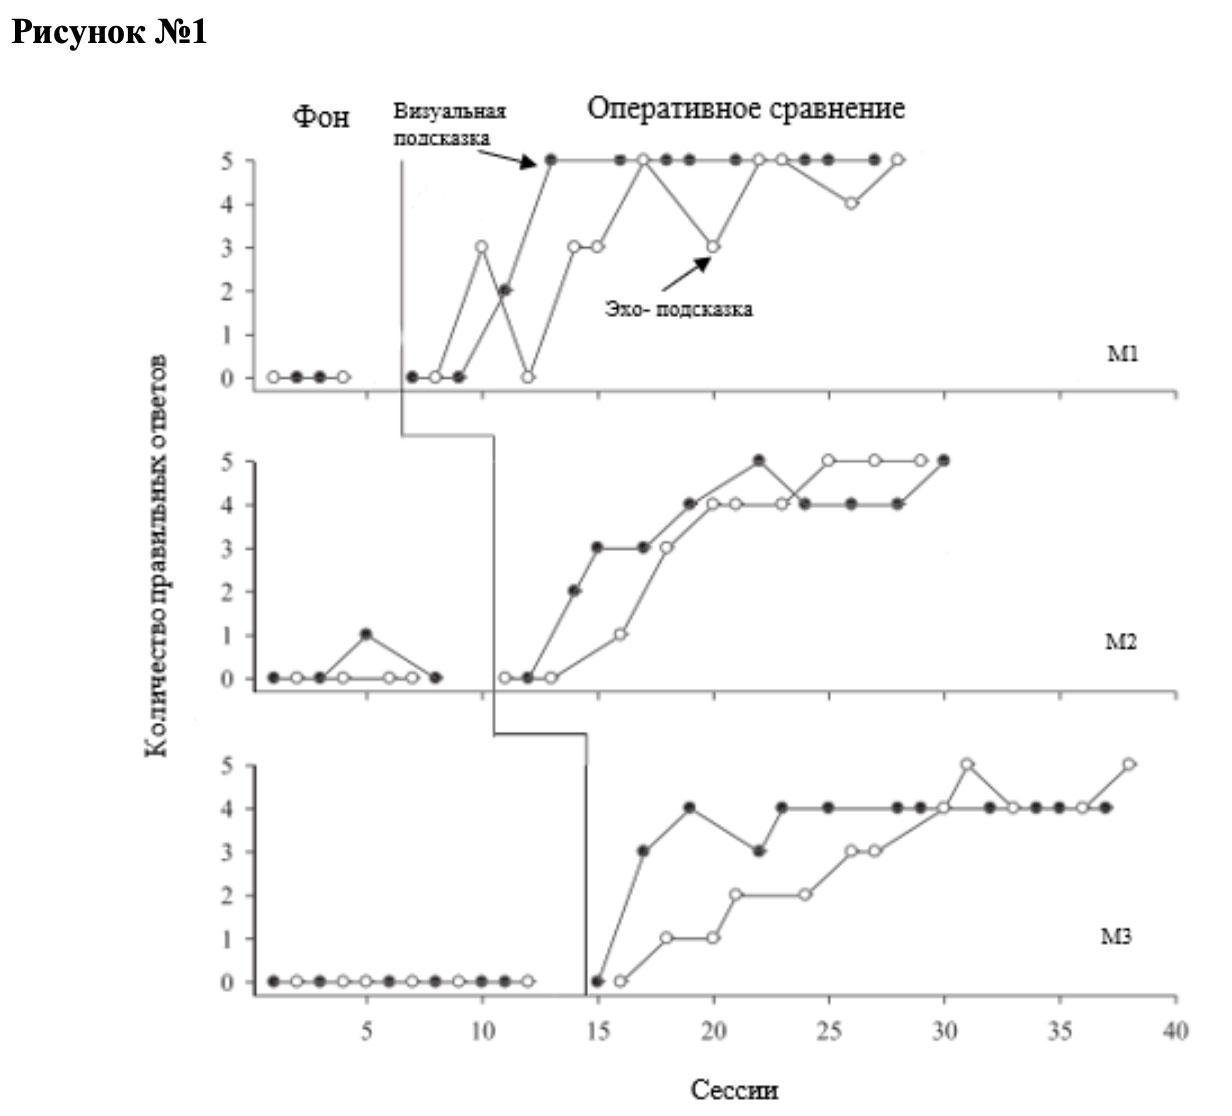 Сравнение эффективности DTT с использованием визуальной и эхо-подсказки при обучении навыкам диалога детей с РАС